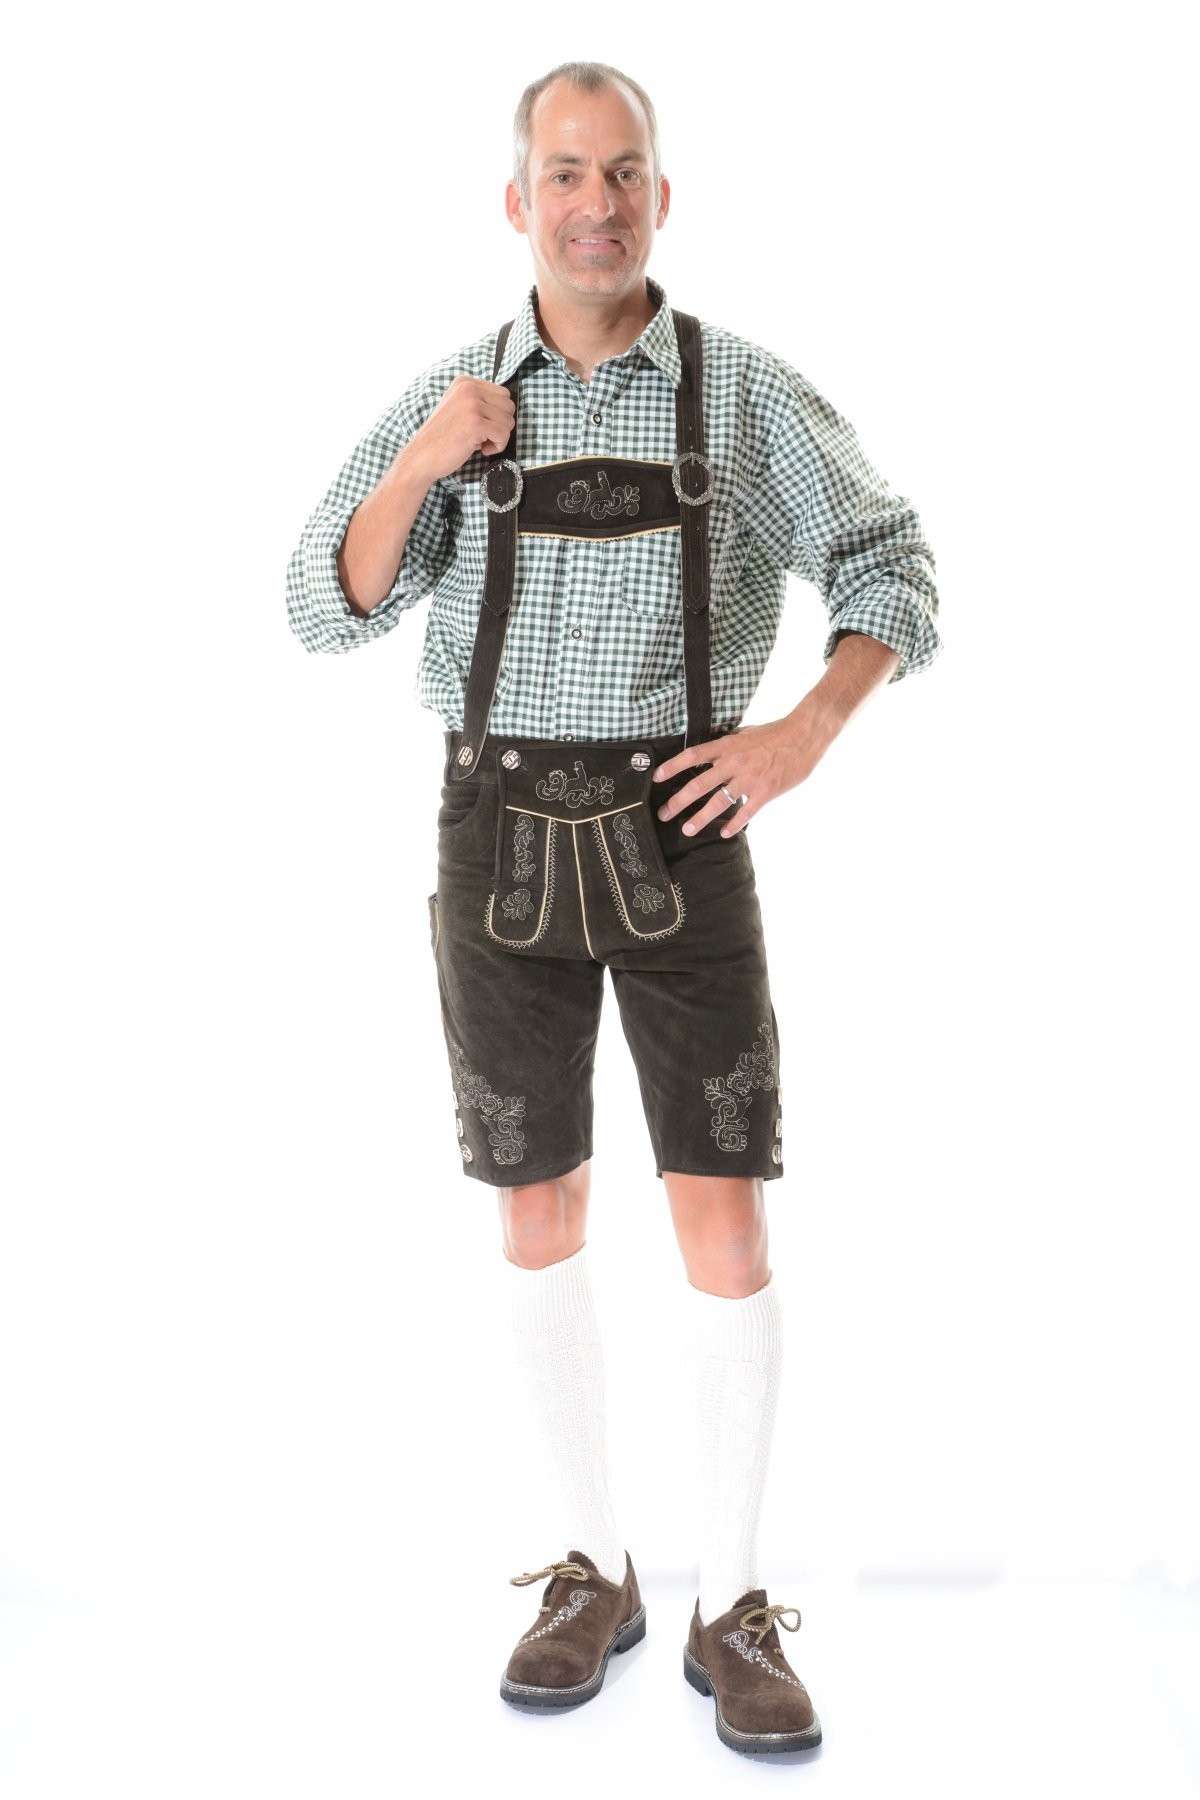 munich lederhosen oktoberfest clothing german in